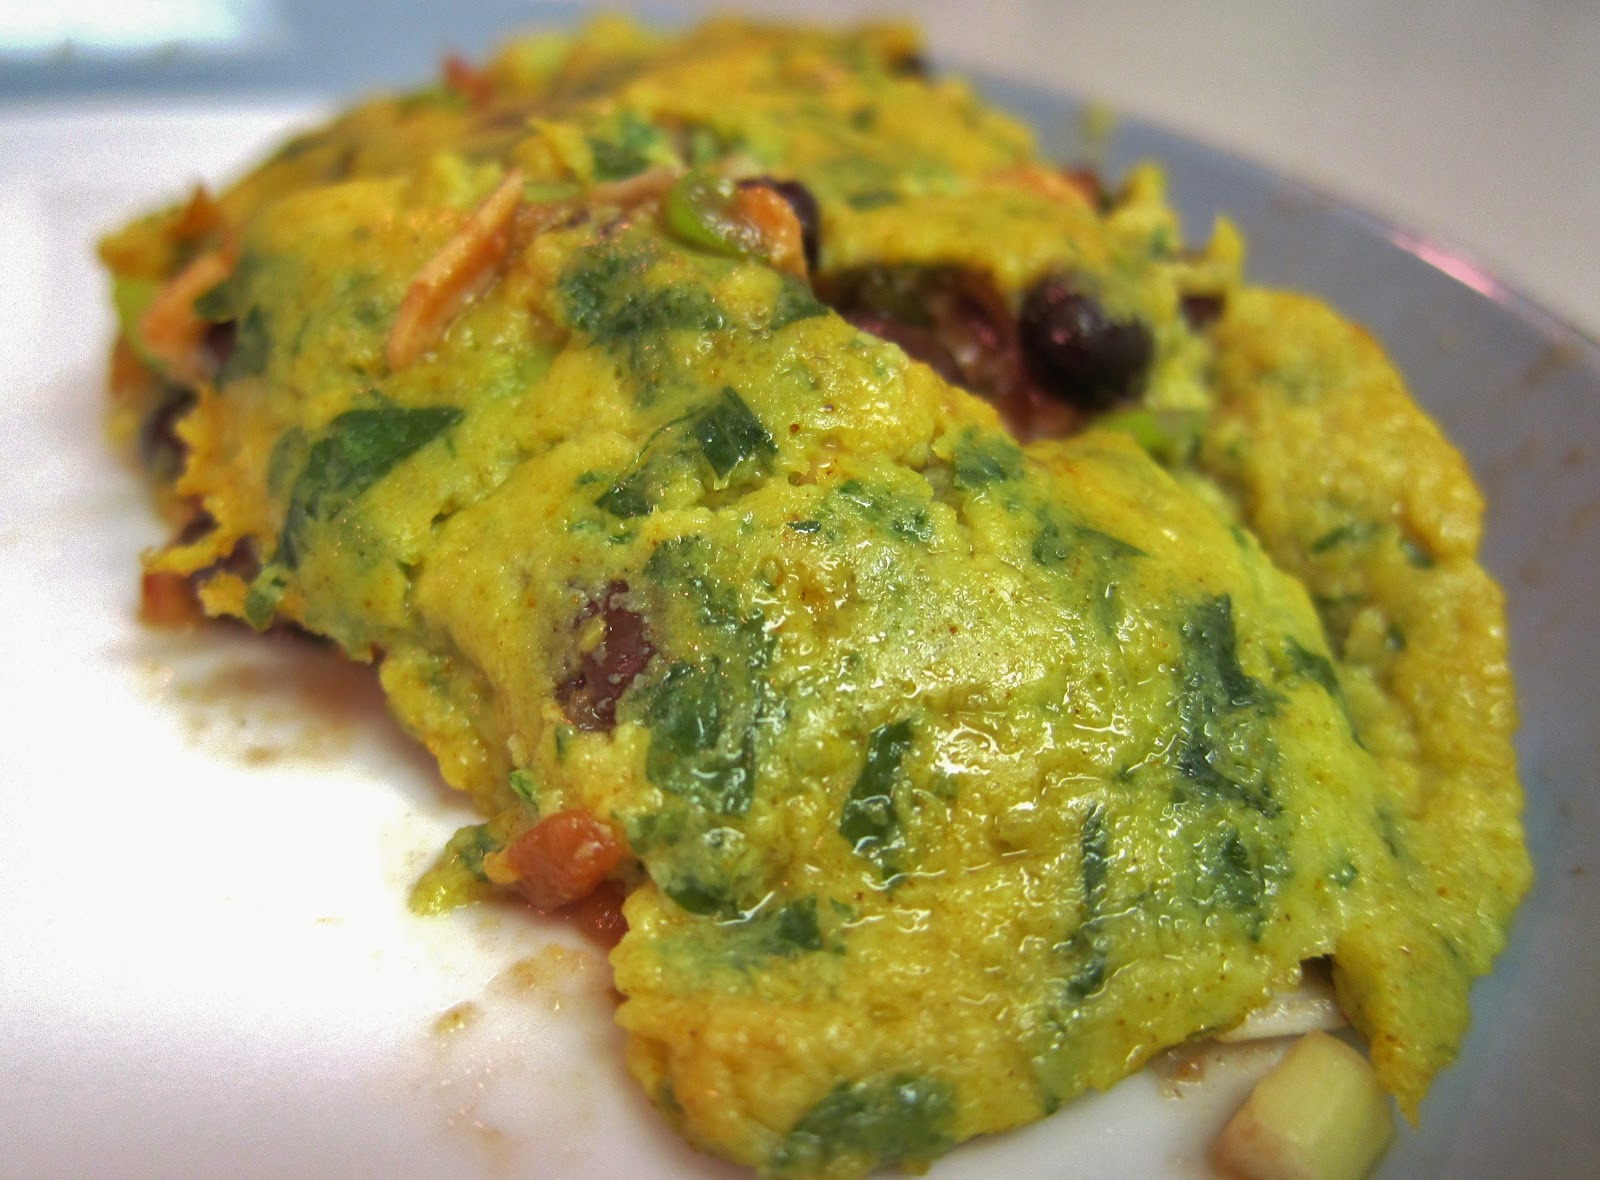 The Vegan Chronicle: Southwestern Omelet